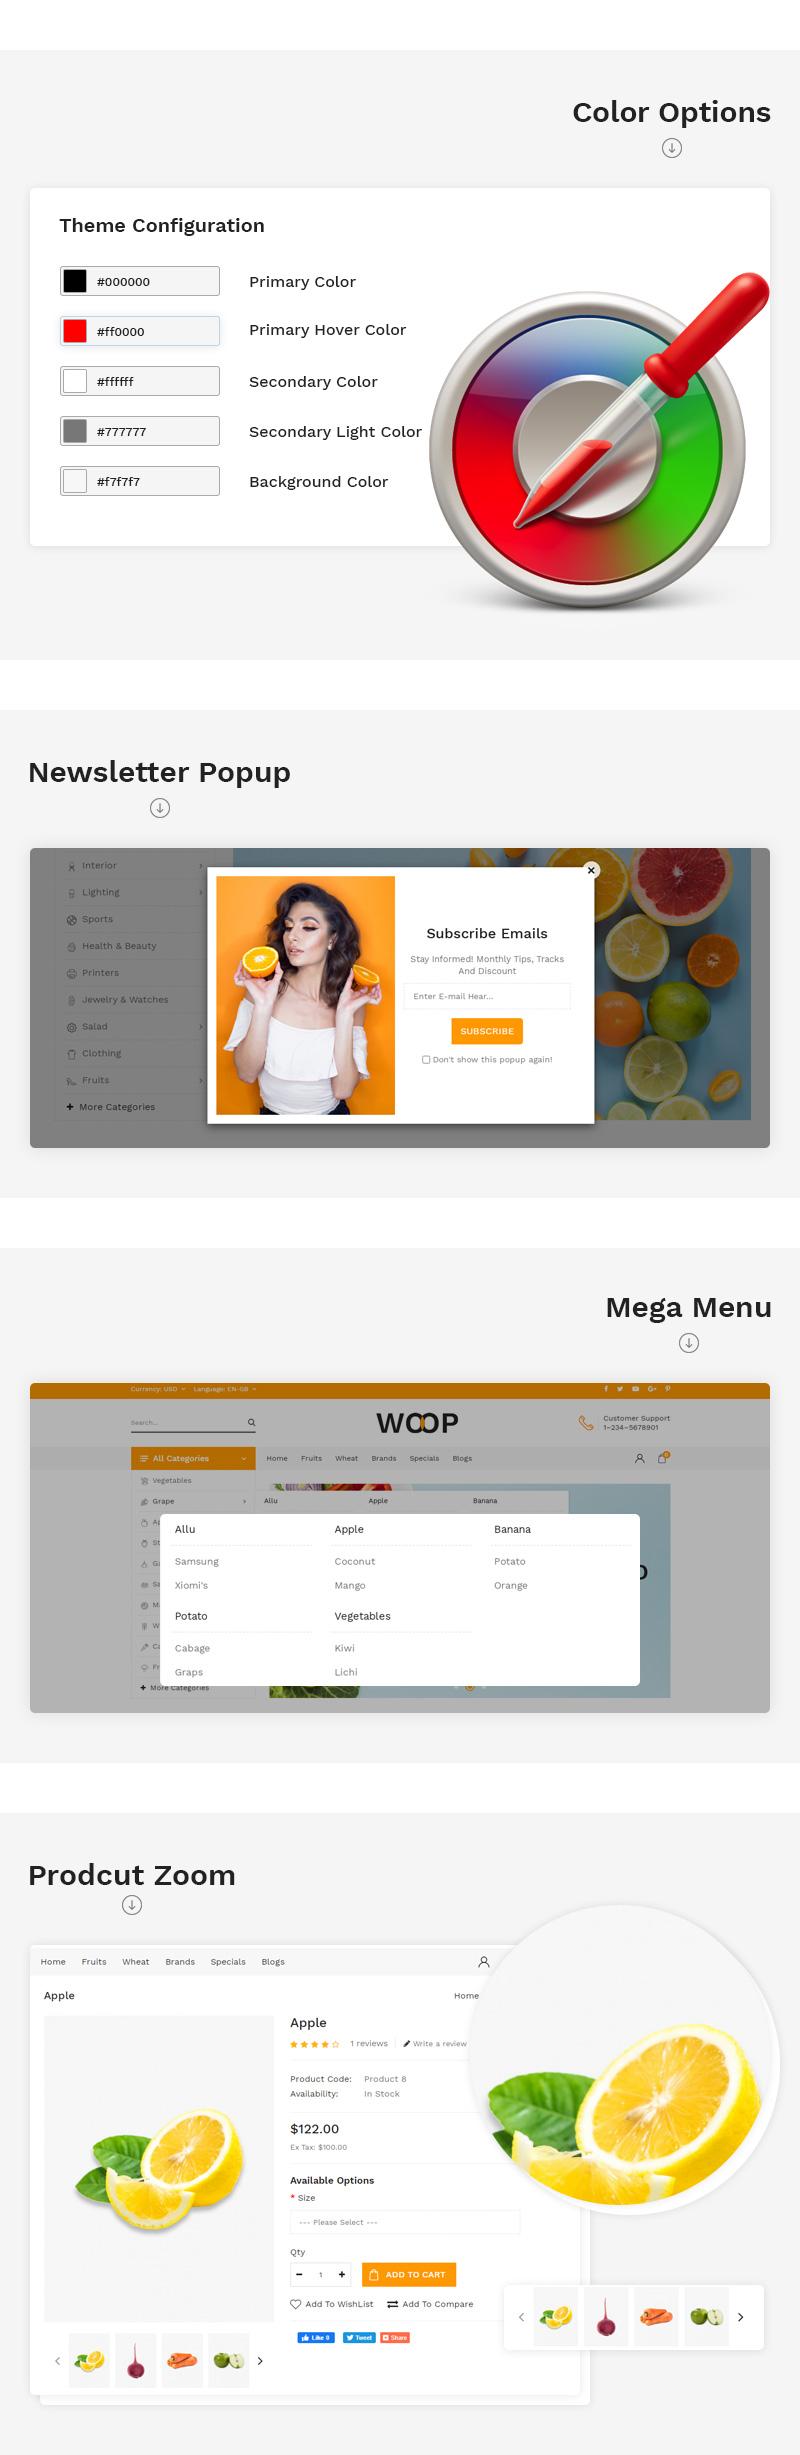 woop-features-3.jpg